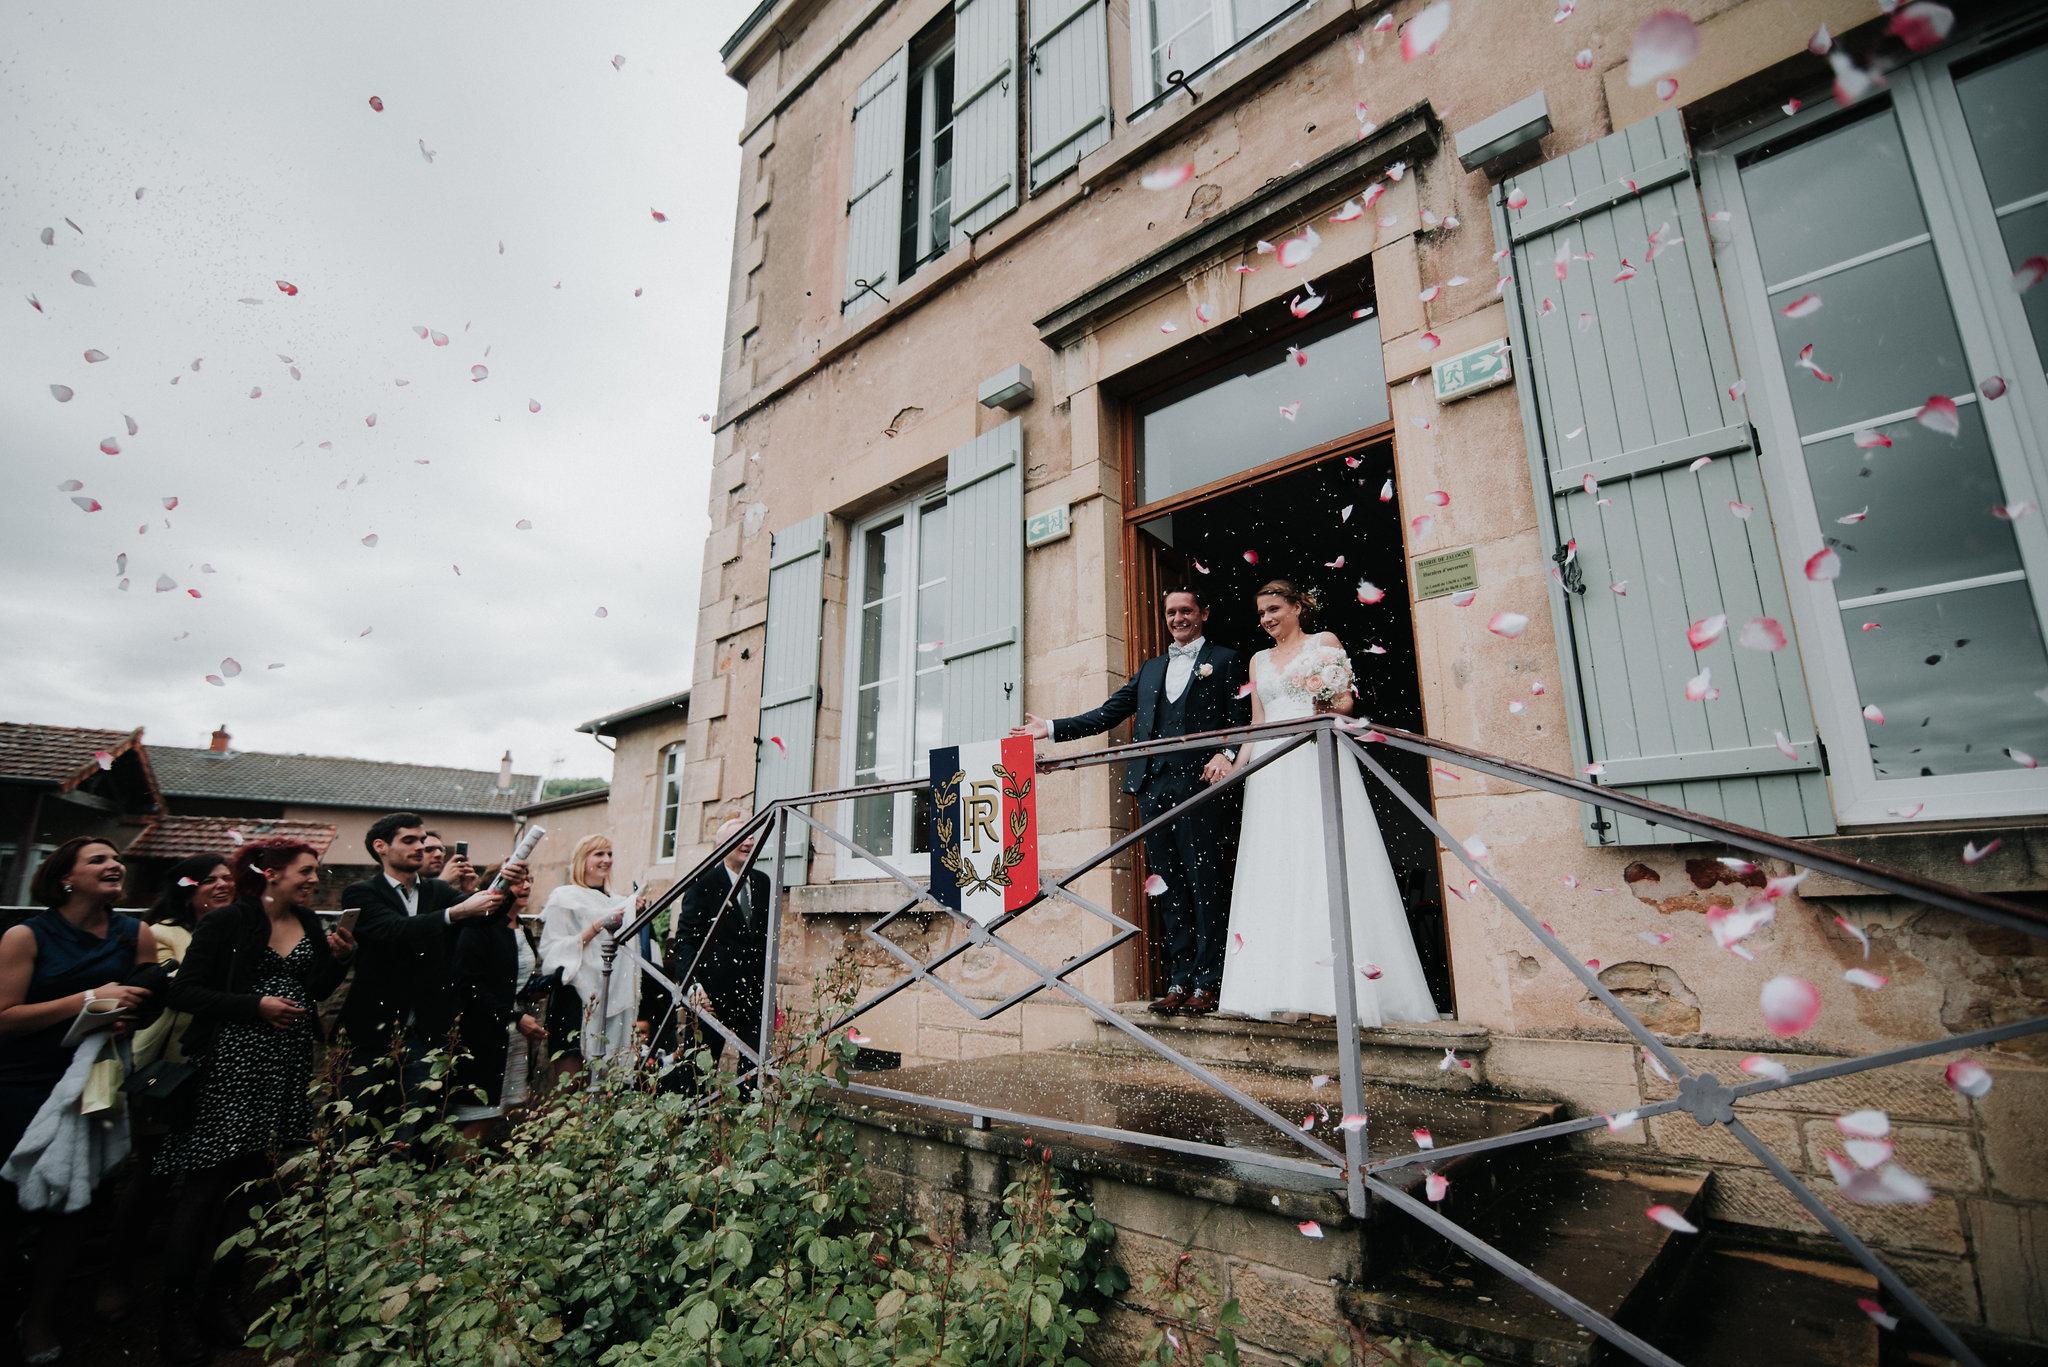 Léa-Fery-photographe-professionnel-lyon-rhone-alpes-portrait-creation-mariage-evenement-evenementiel-famille-0253.jpg